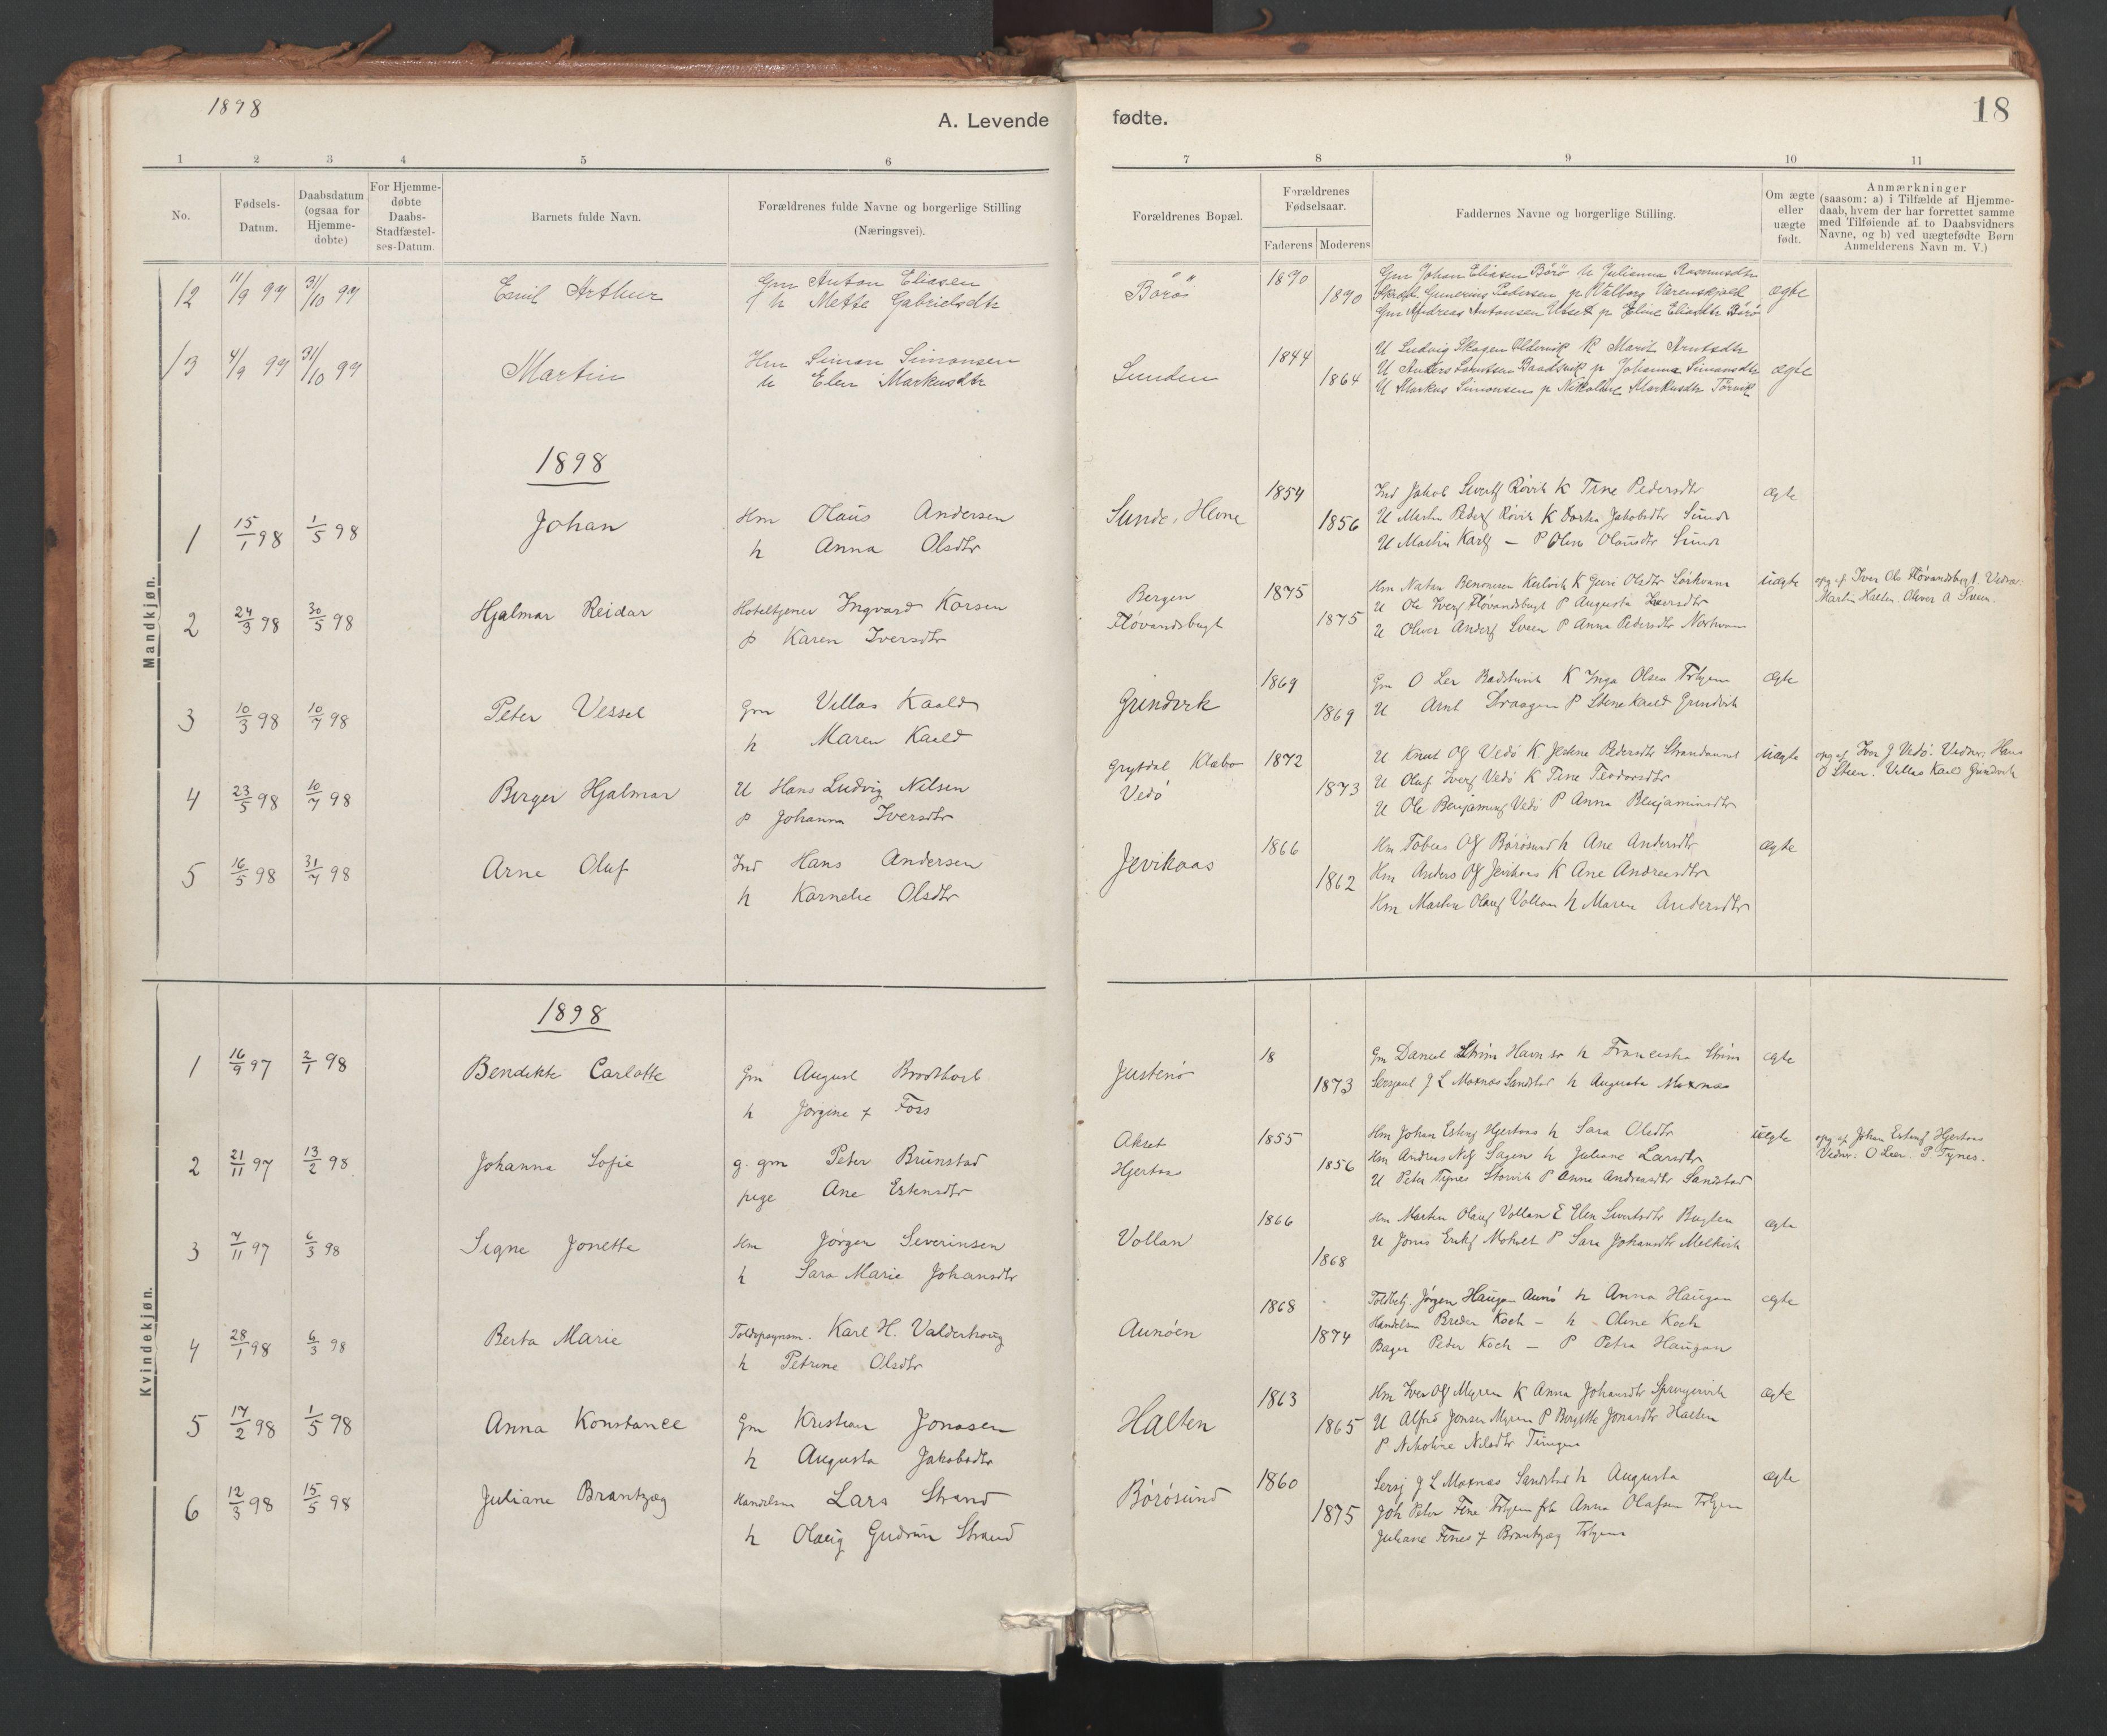 SAT, Ministerialprotokoller, klokkerbøker og fødselsregistre - Sør-Trøndelag, 639/L0572: Ministerialbok nr. 639A01, 1890-1920, s. 18